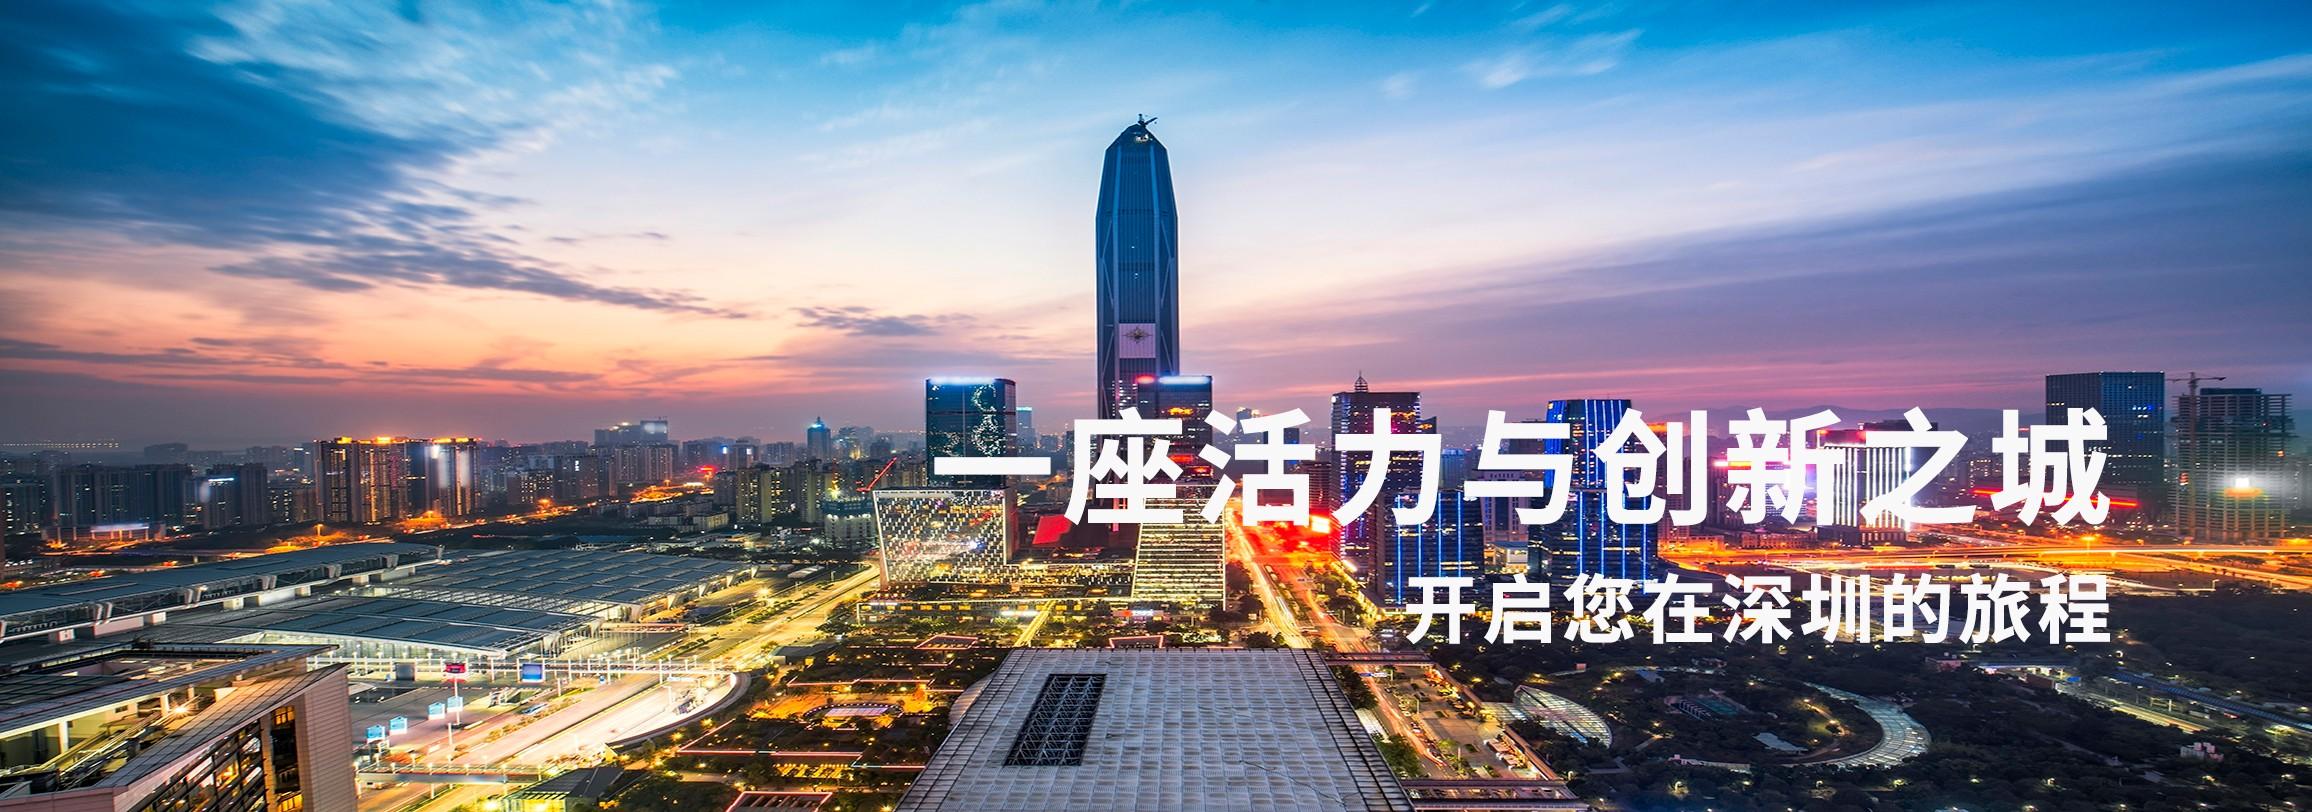 深圳-cn.jpg